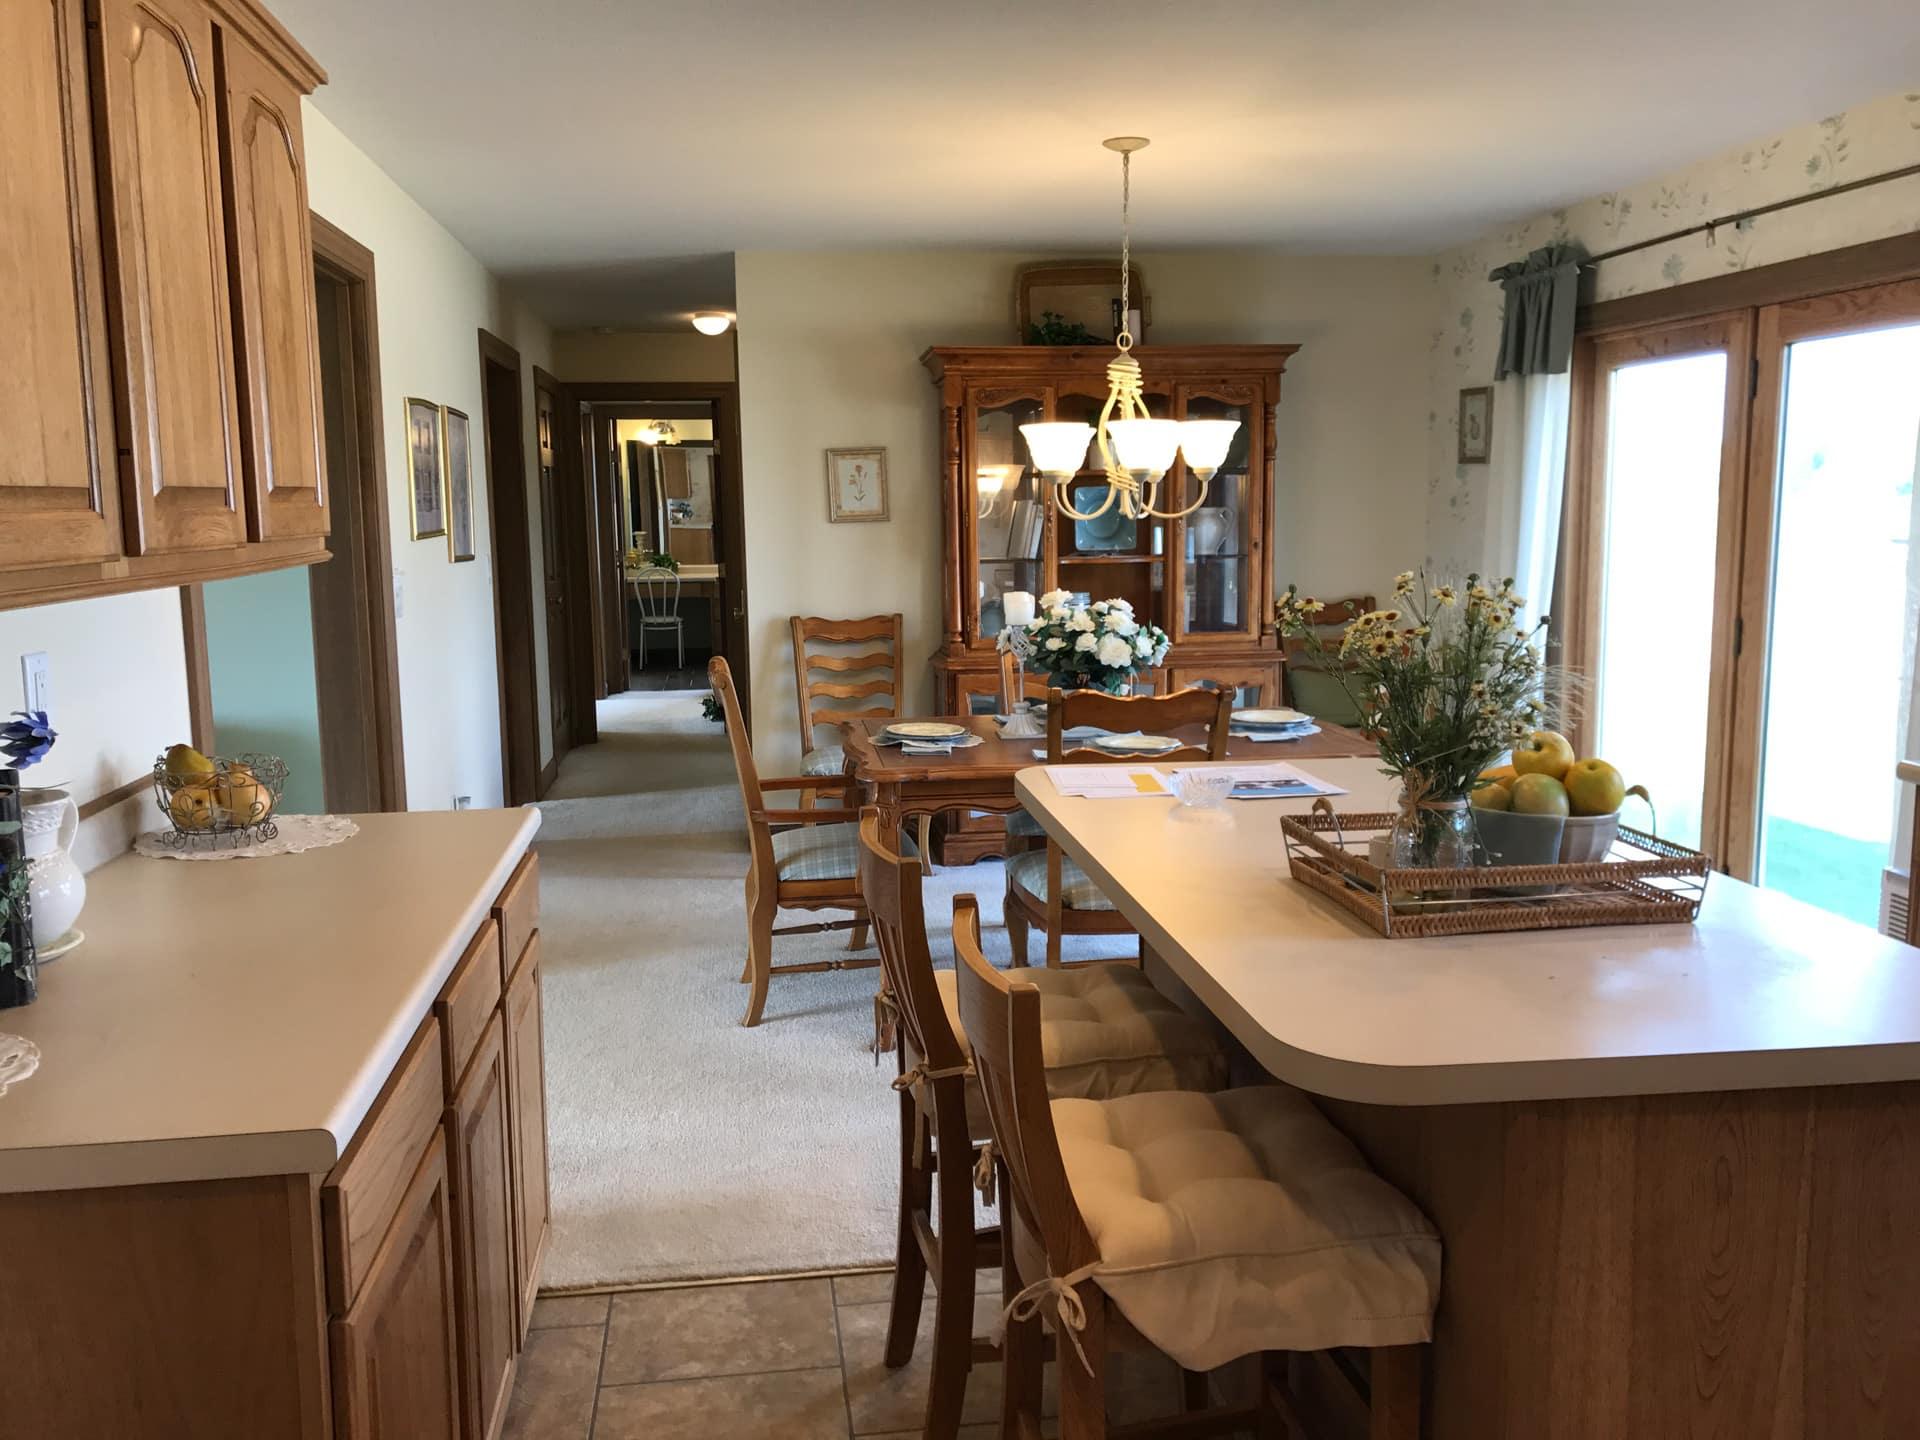 Unibilt Monticello Henderson Kitchen 2